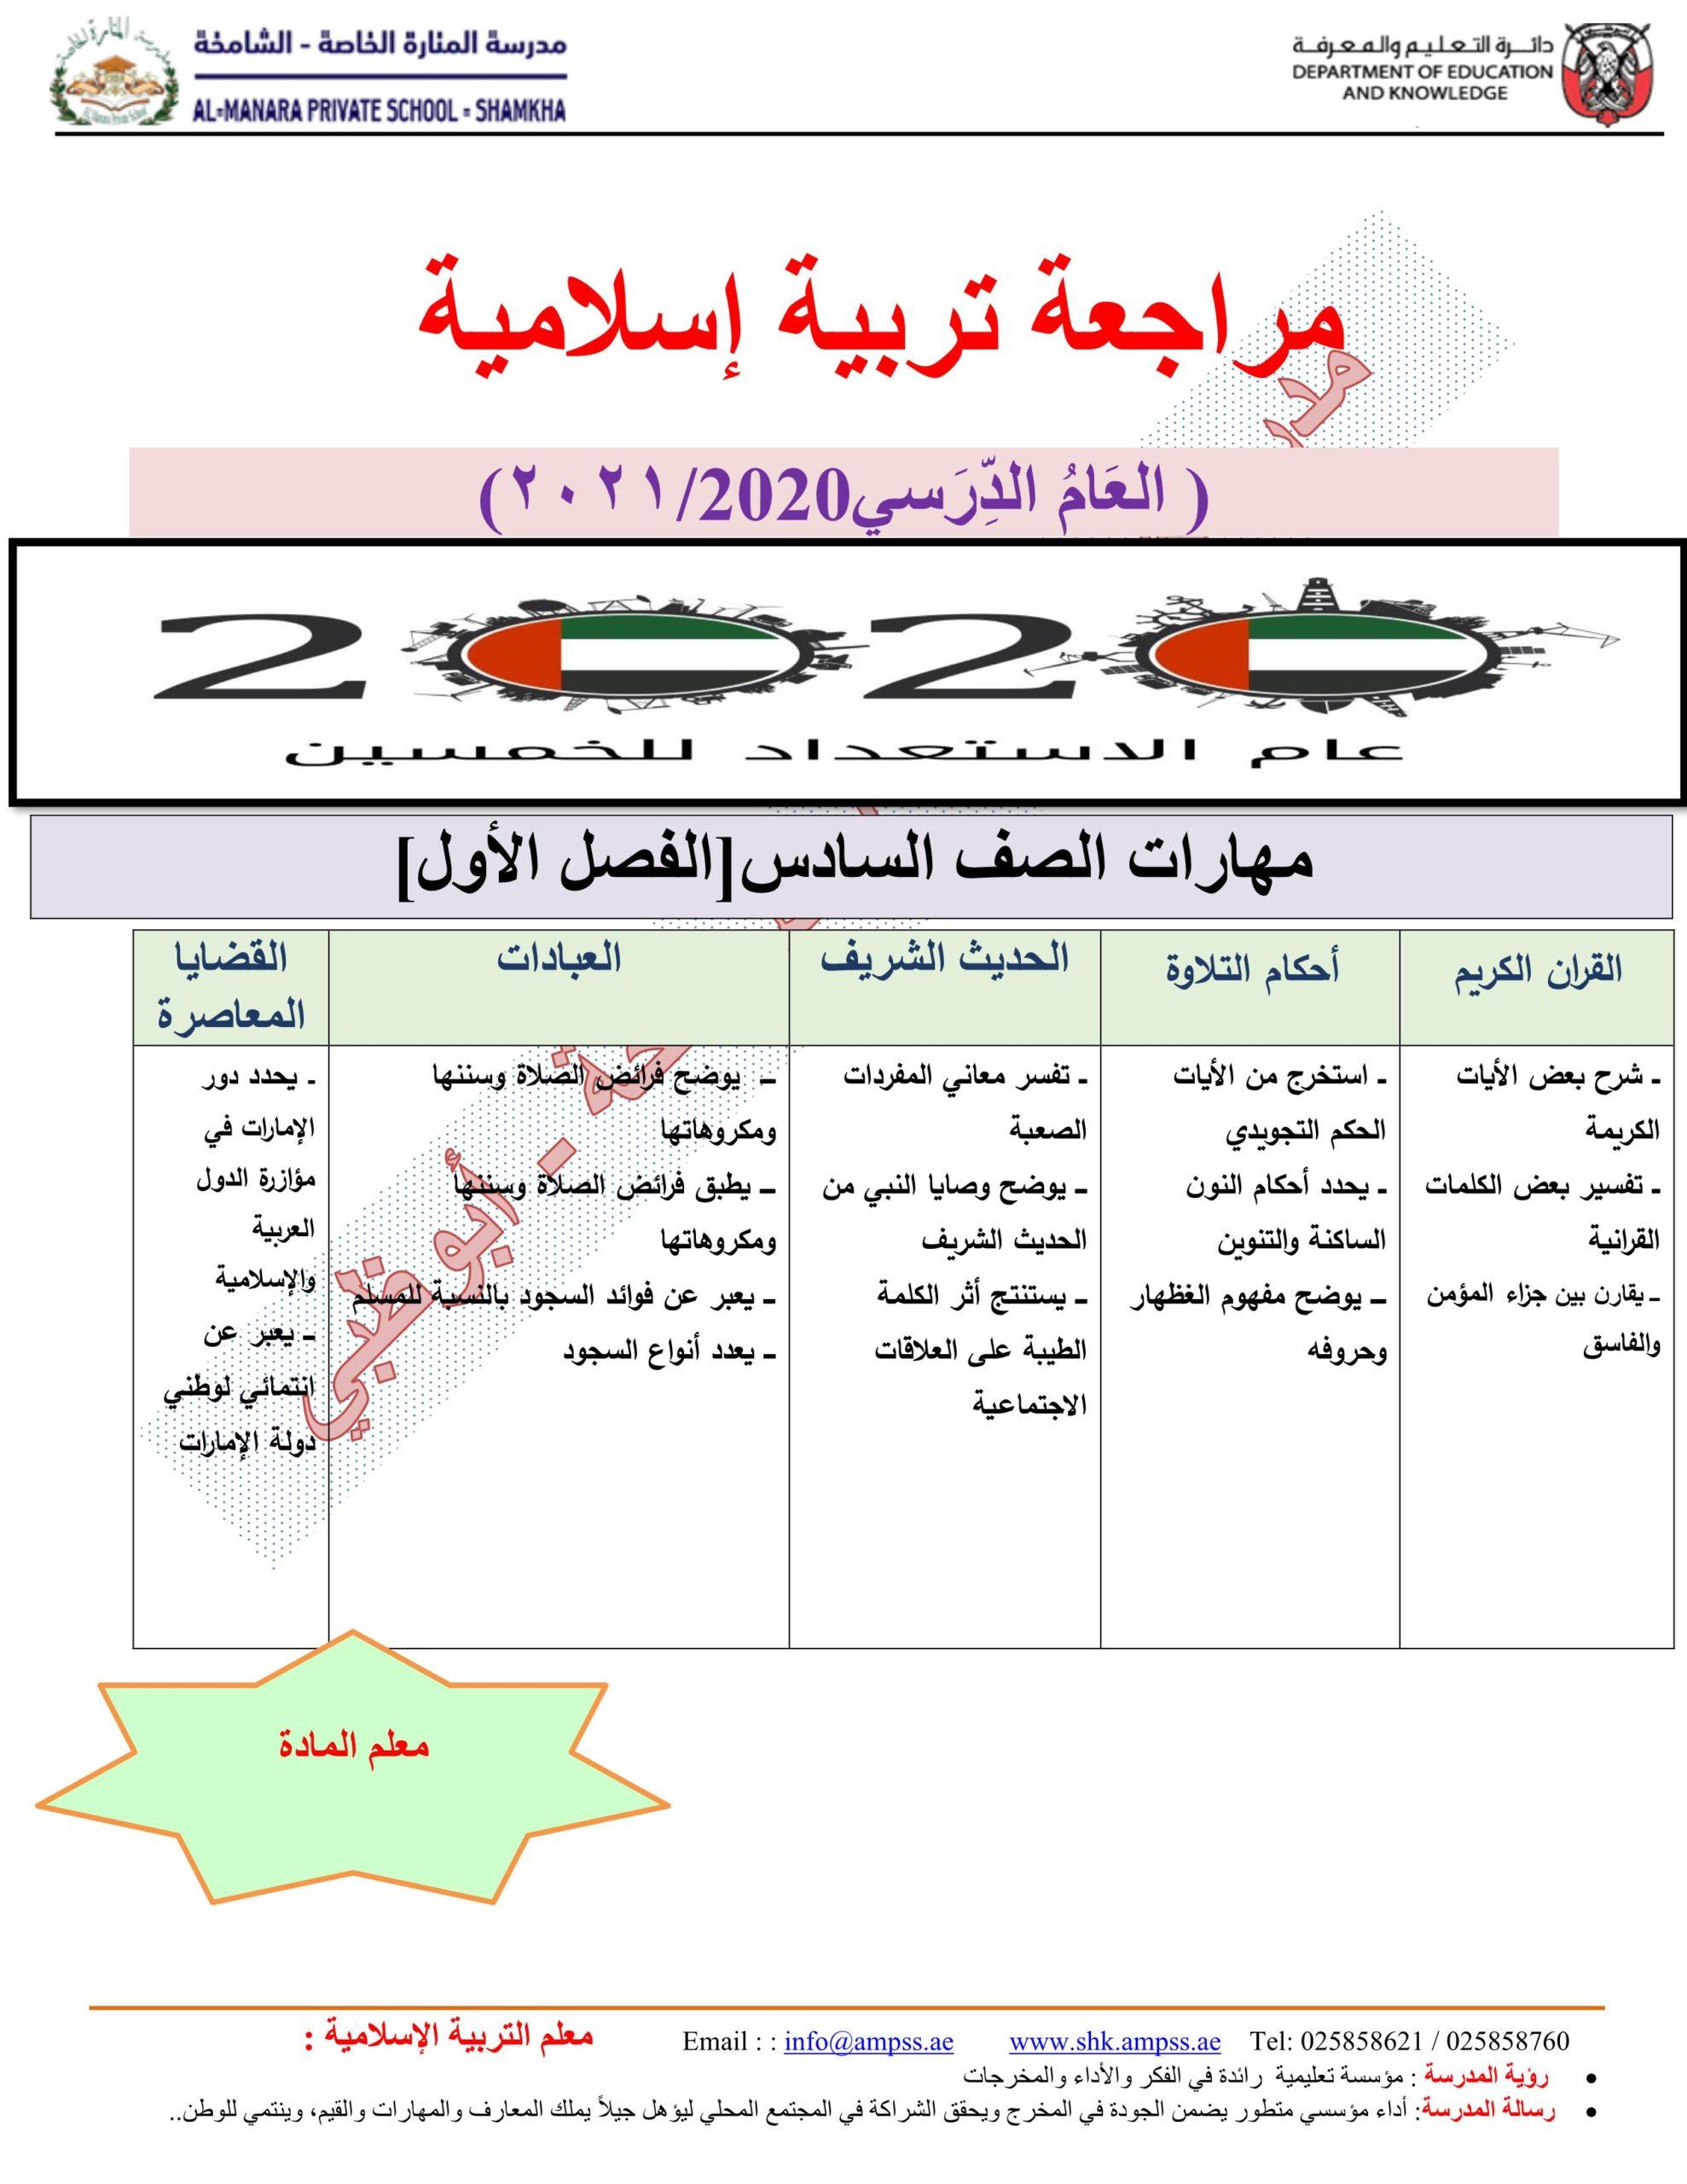 اوراق عمل مراجعة عامة الصف السادس مادة التربية الاسلامية